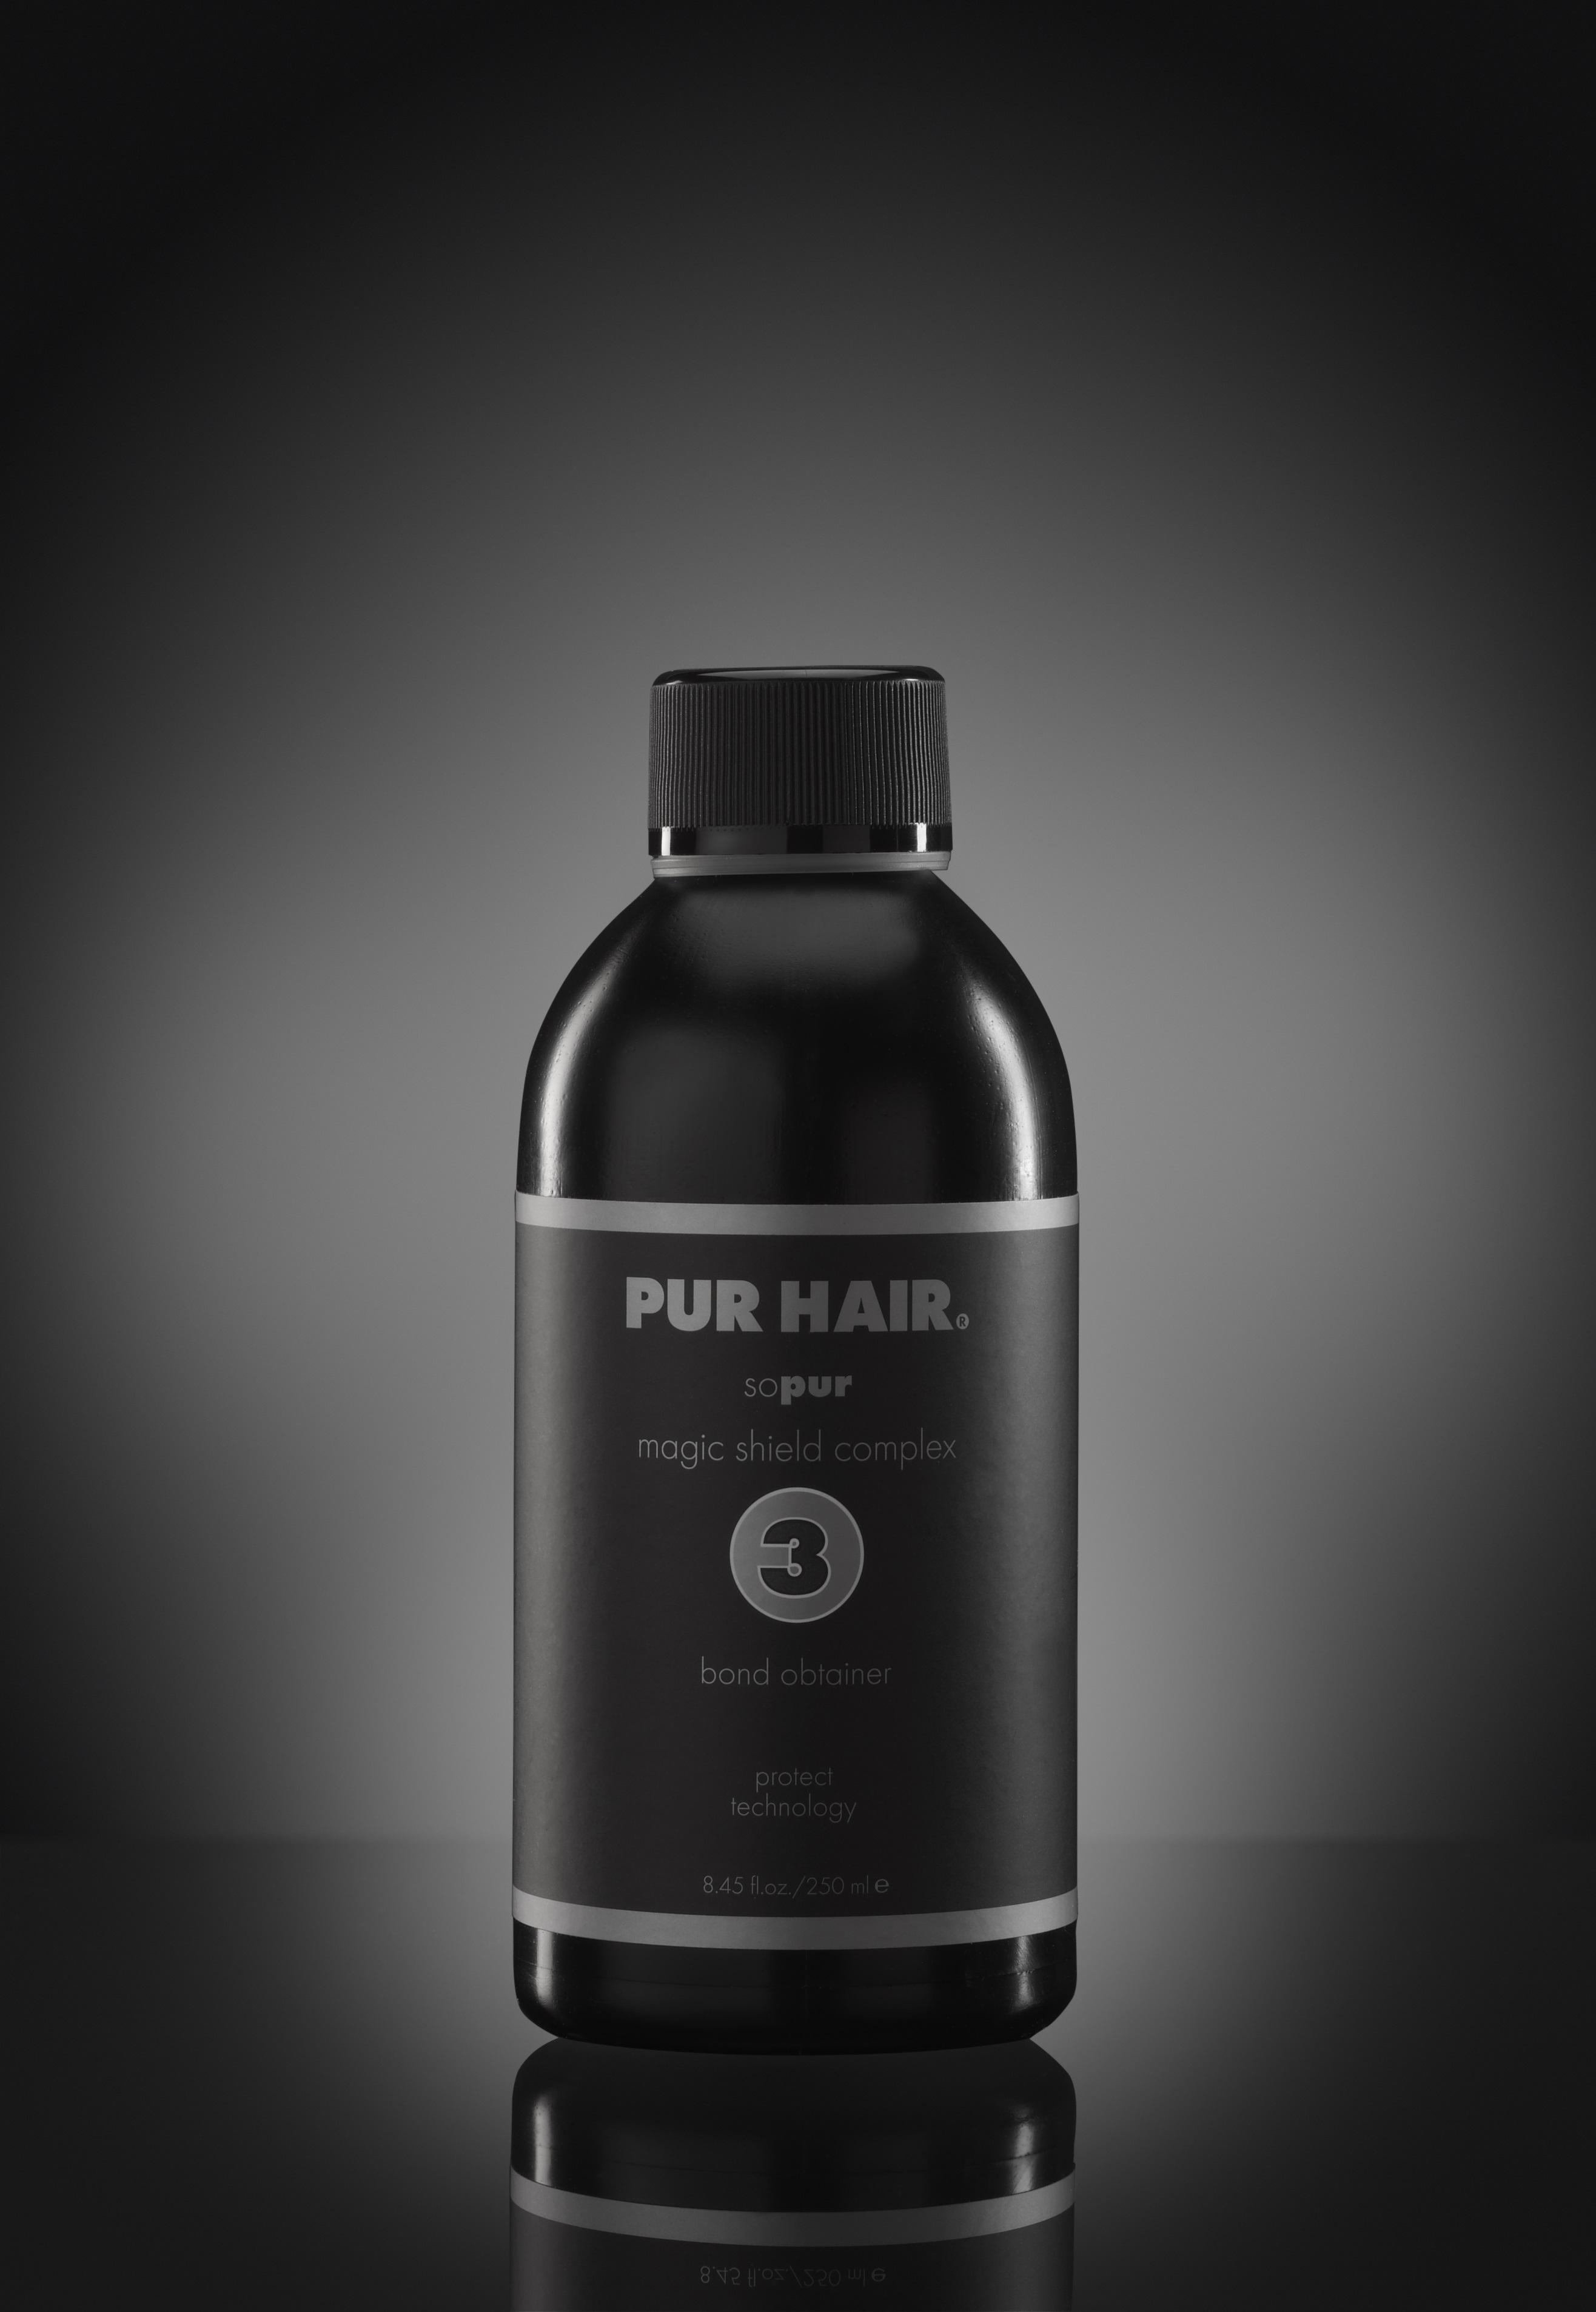 PUR HAIR sopur magic shield complex, 3 bond obtainer 250 ml